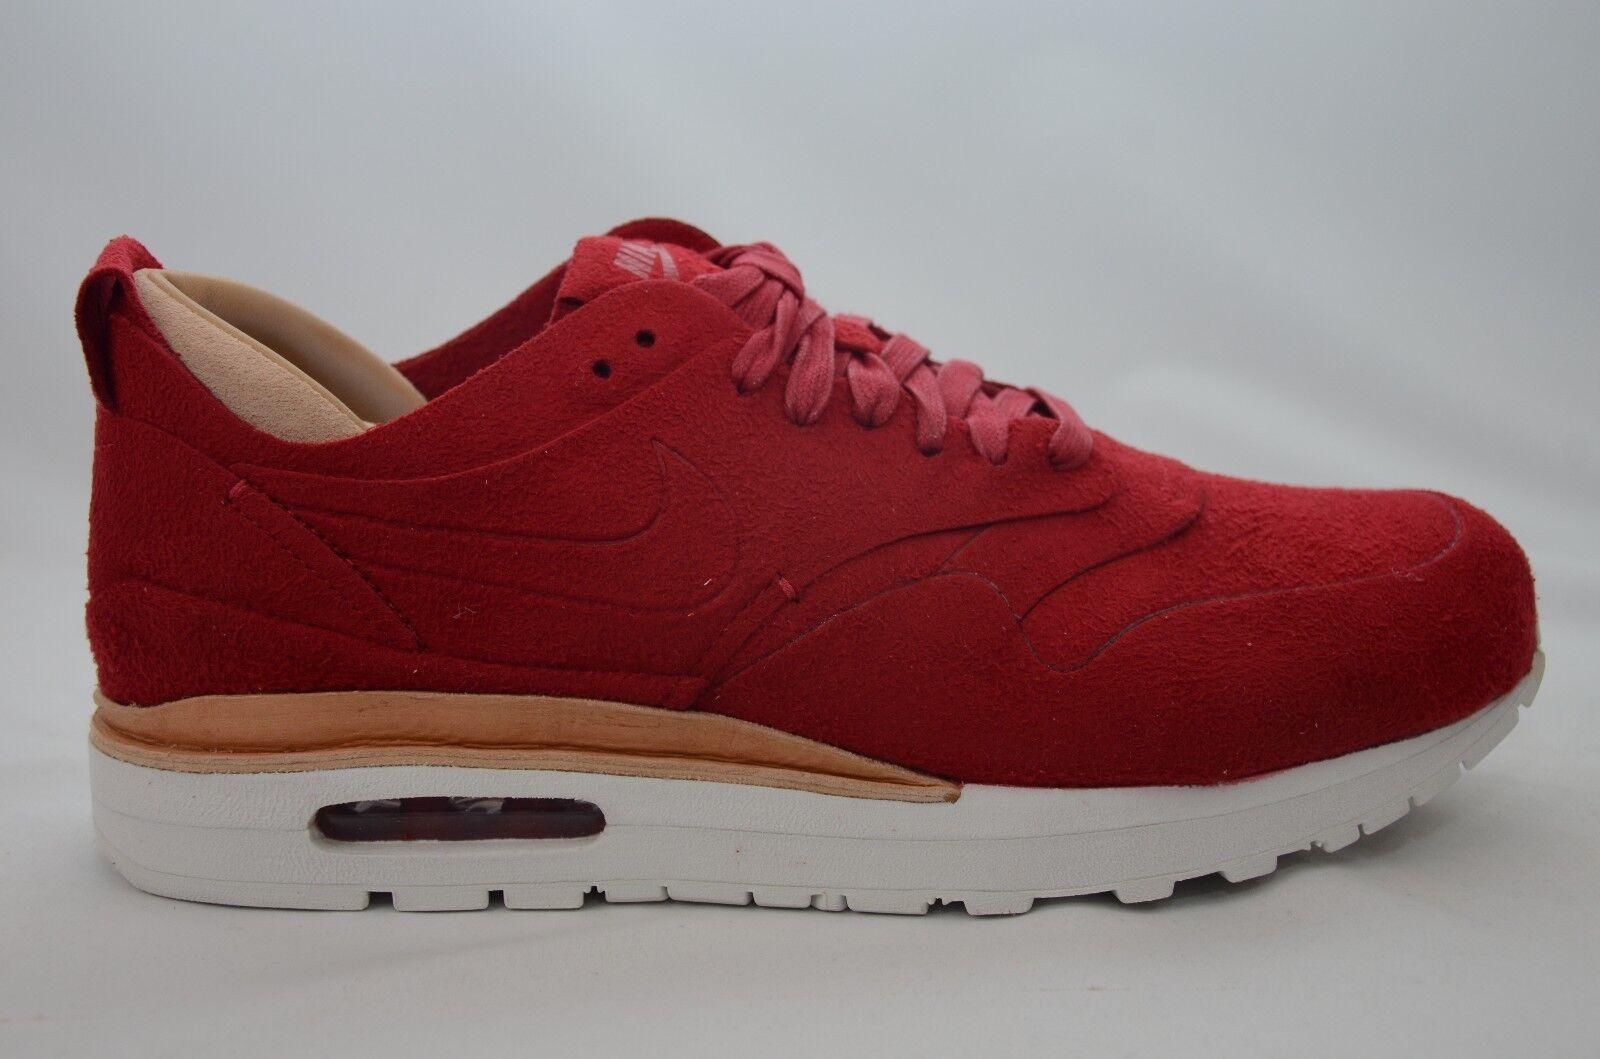 competitive price a6794 87d92 Nike air rosso max 1 royal uomo rosso air   bianco in scatola gli 8 e i 13 nuovi  senza maglietta coperchio 847671 661 ...